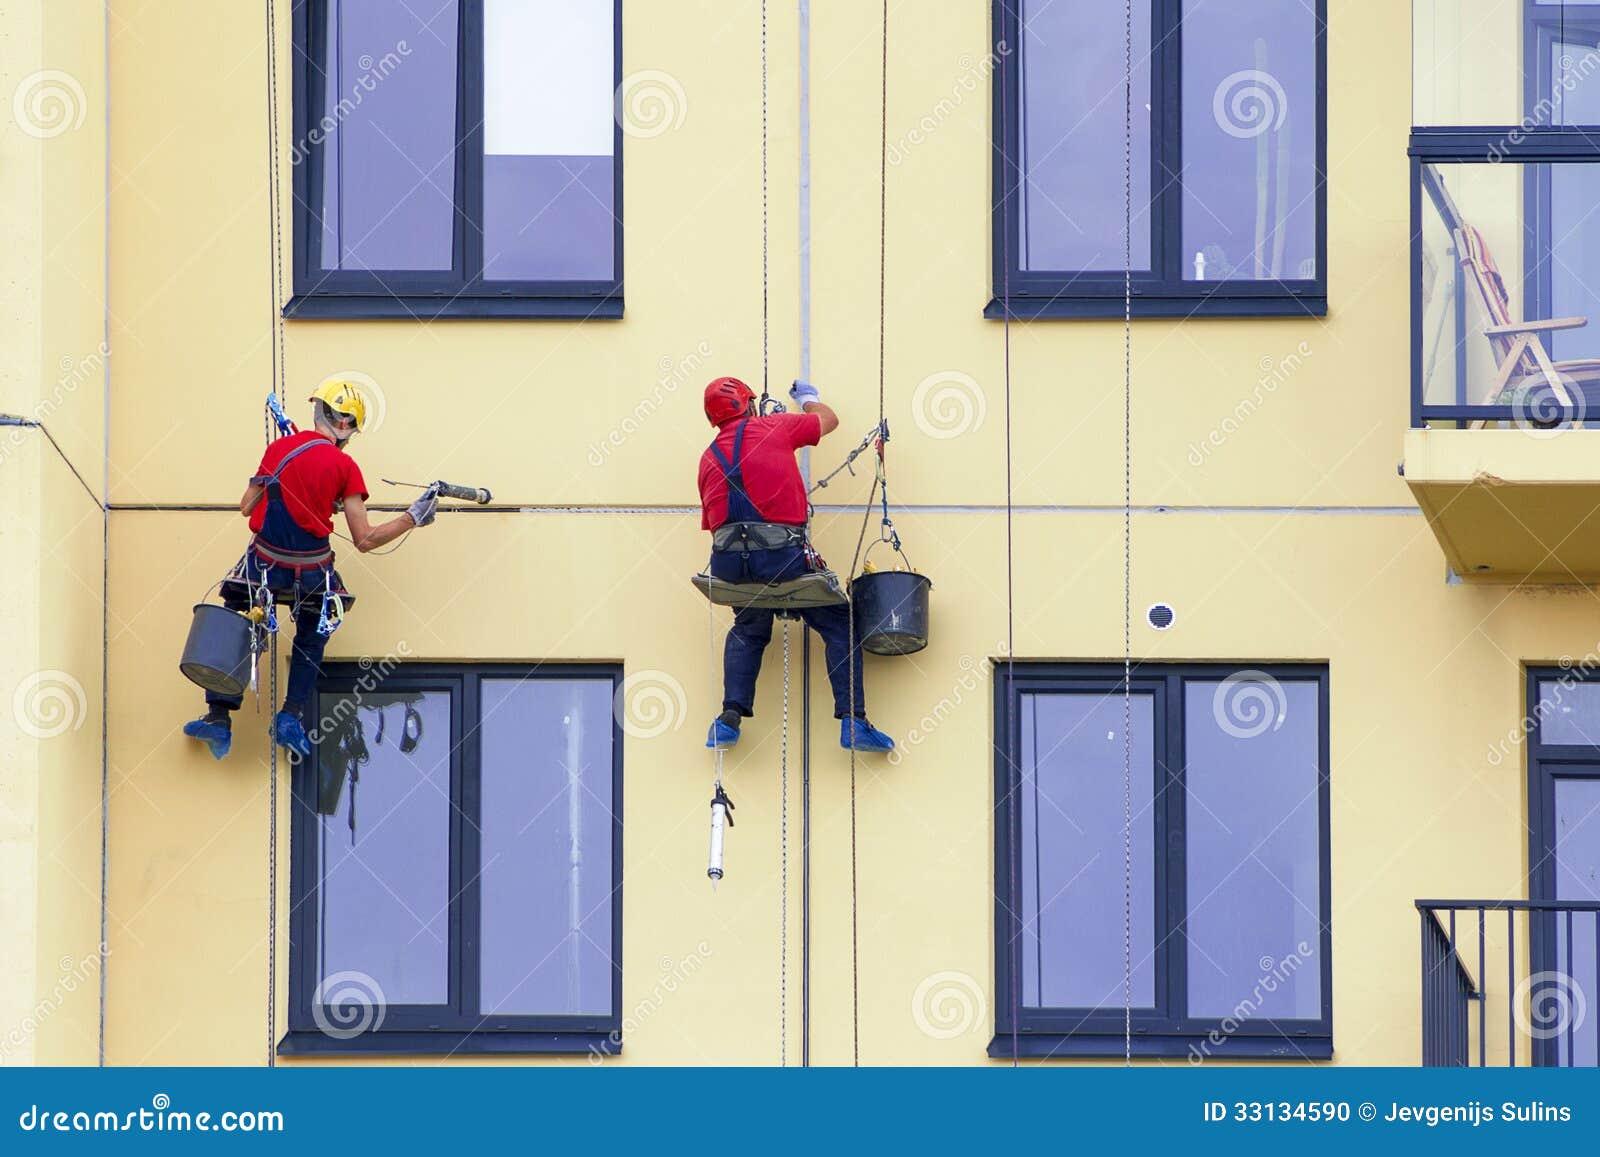 Fachada de la casa de la pintura imagen editorial imagen - Pintura para fachada ...